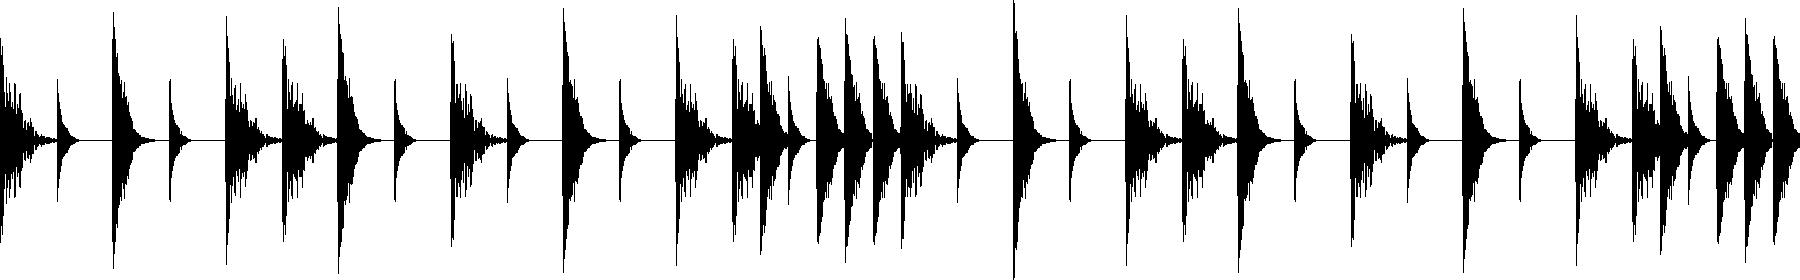 188552 happy drum loop wav